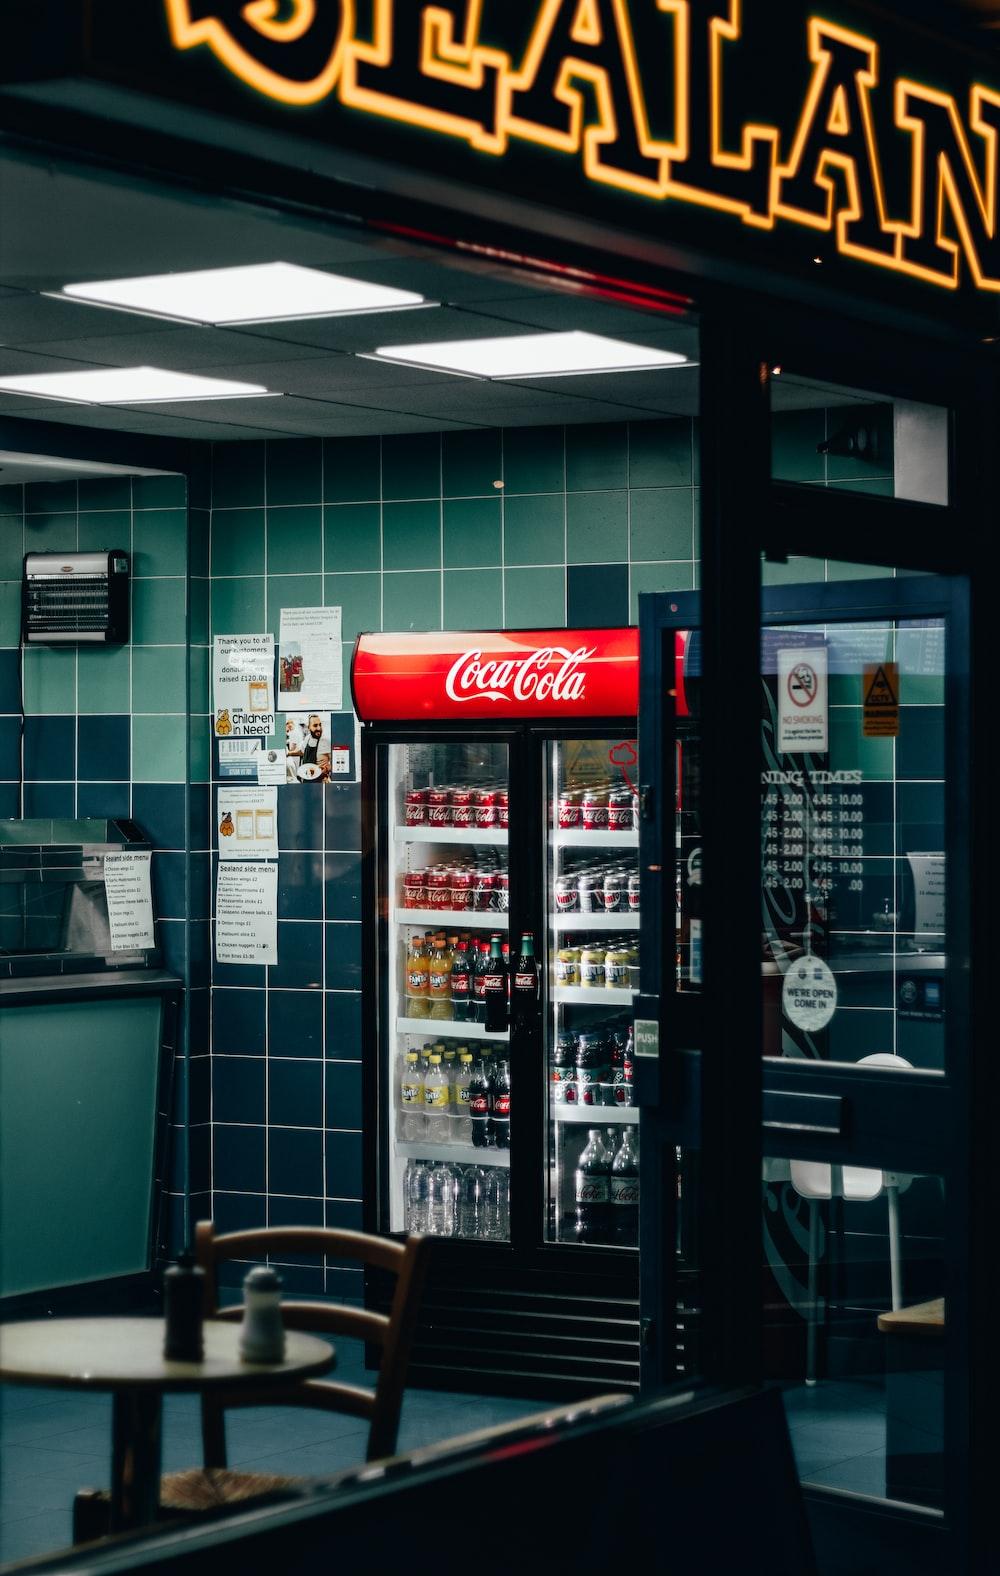 beverages in Coca-Cola beverage cooler inside shop during night